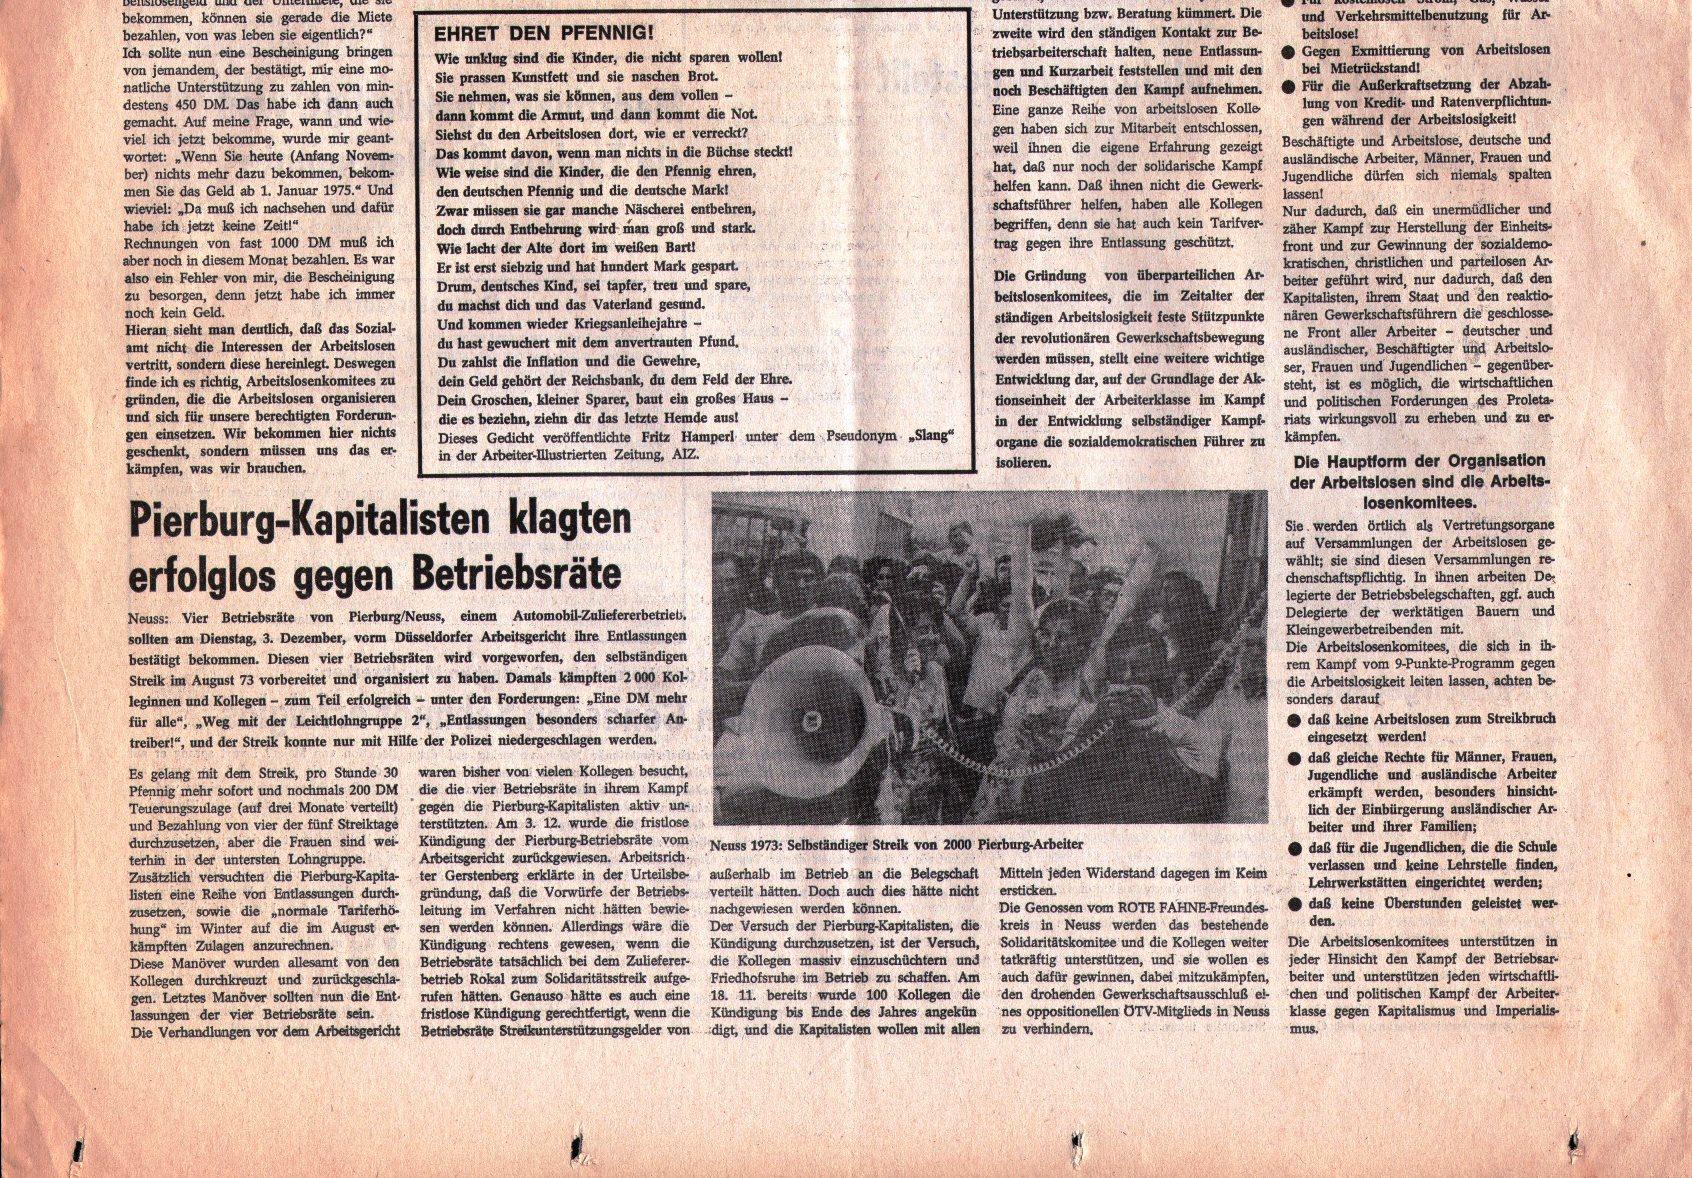 KPD_Rote_Fahne_1974_49_08